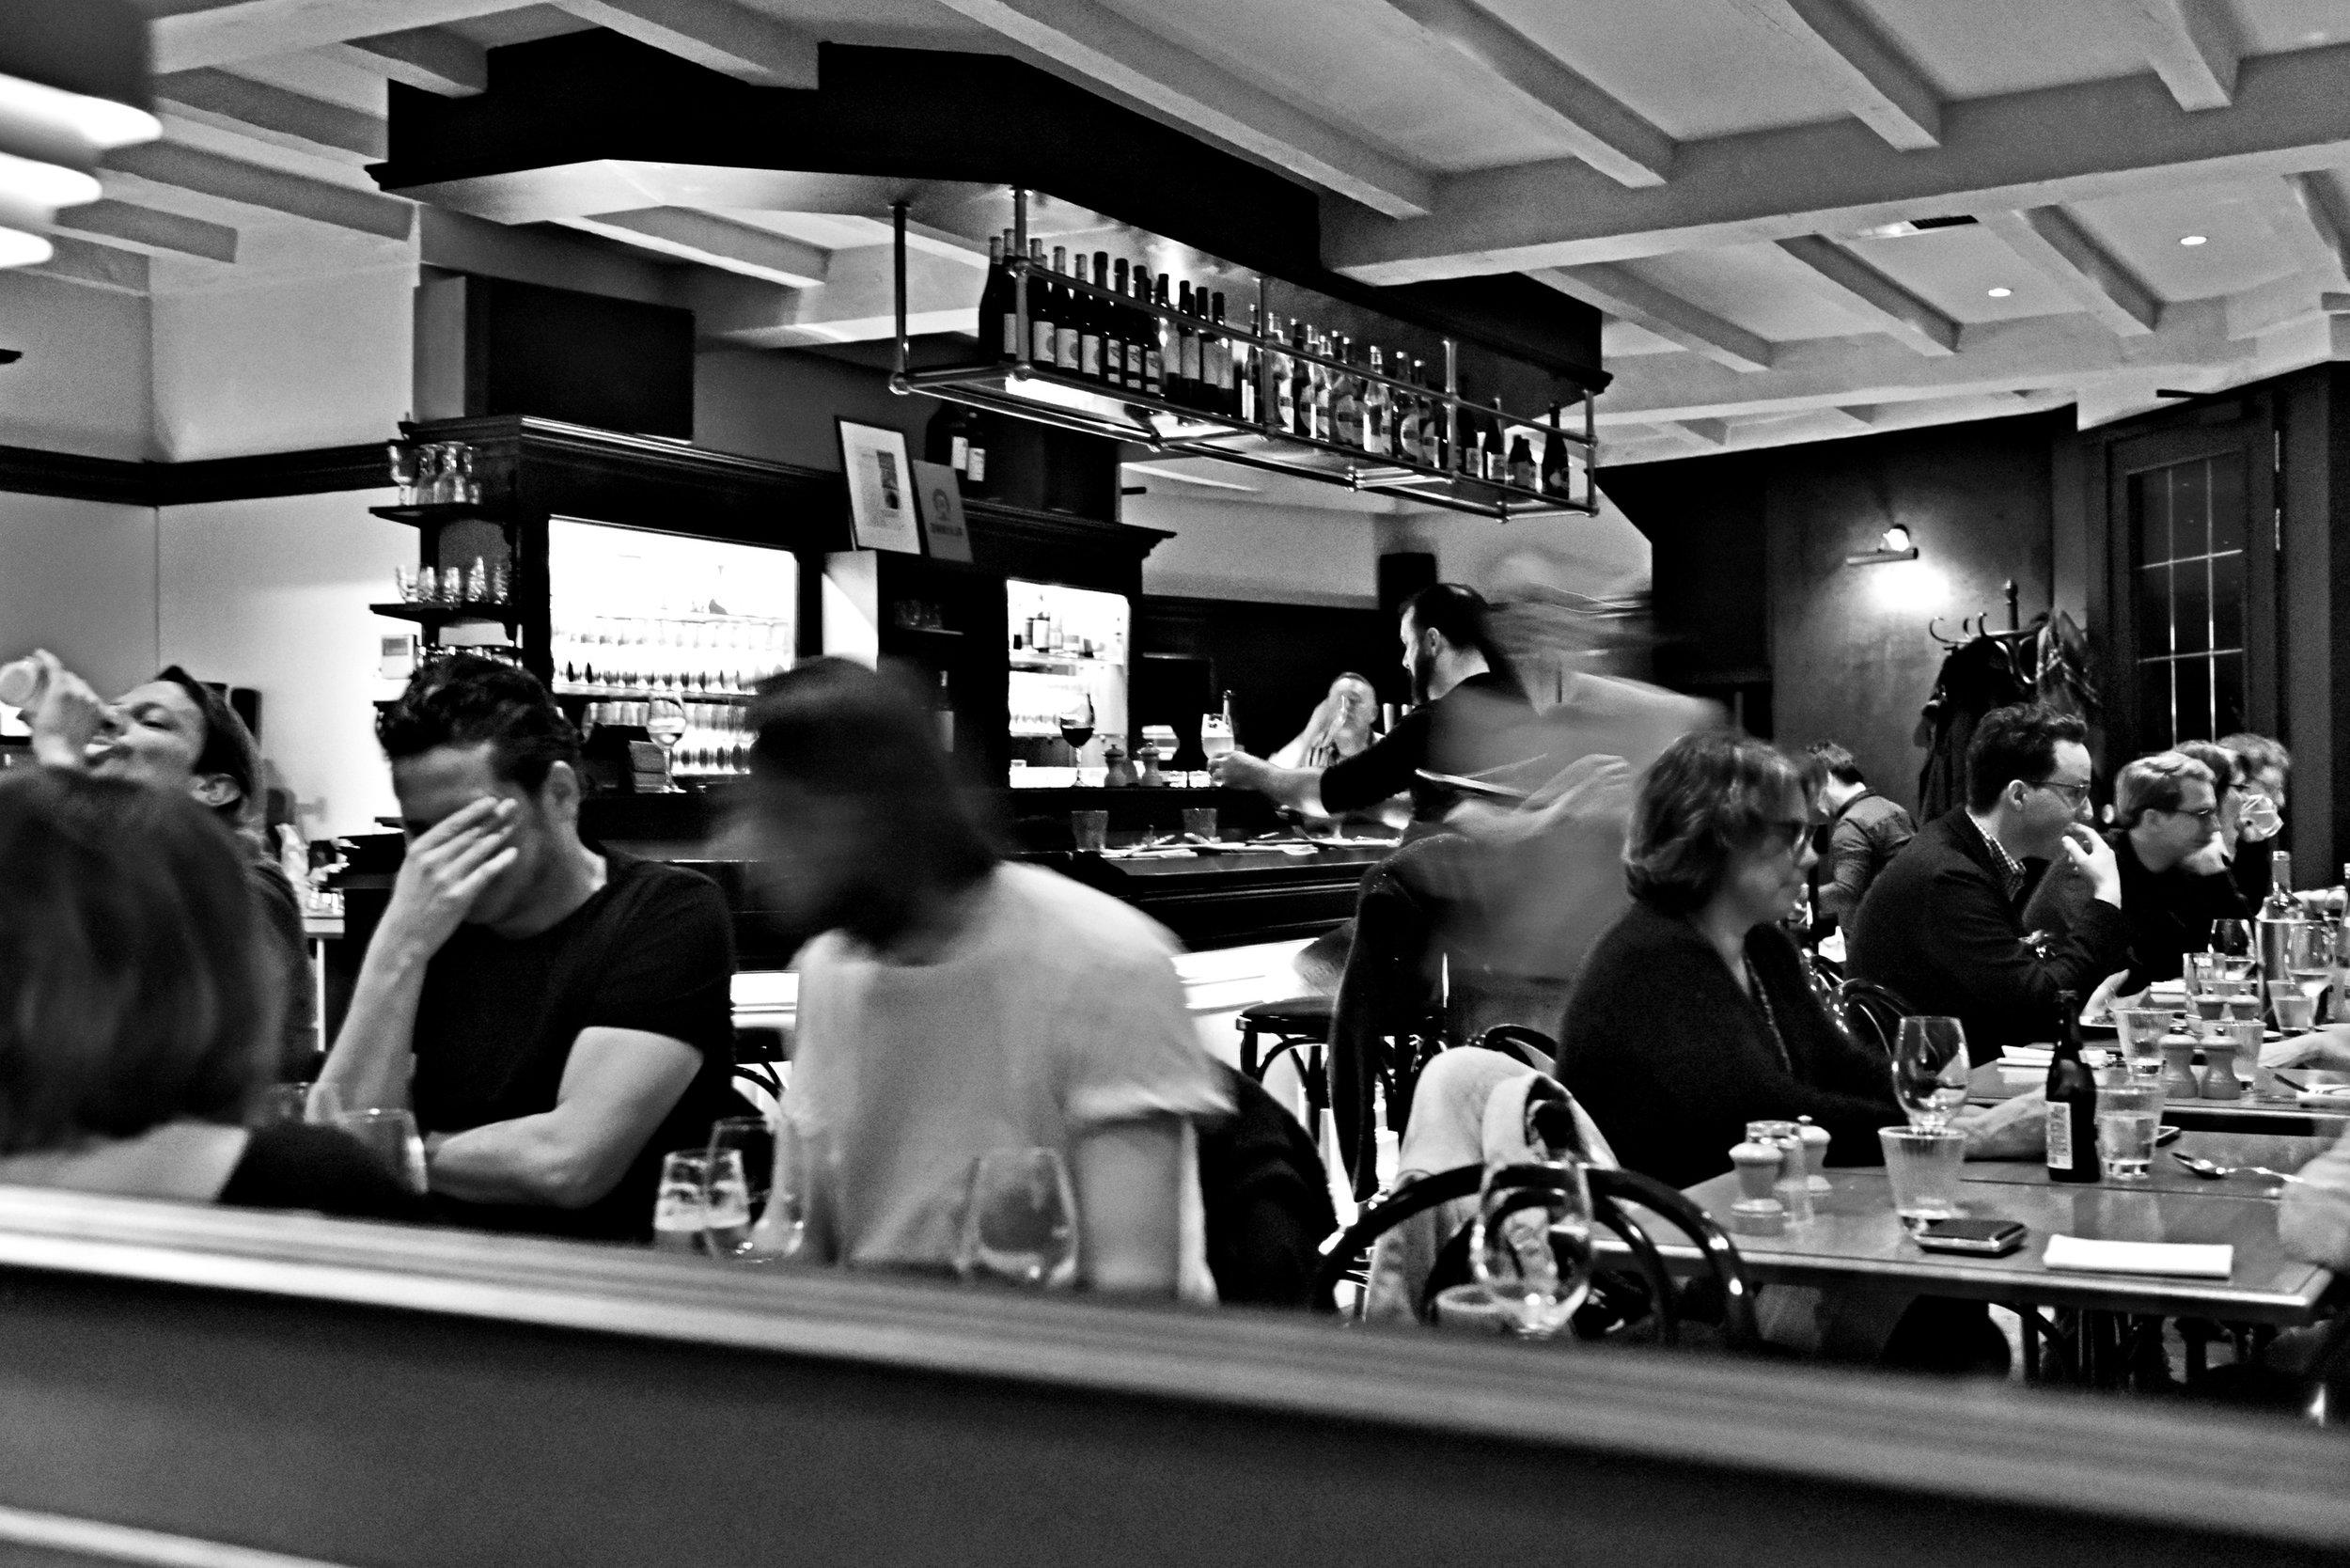 19 restaurant de lieve gent tablefever bart albrecht culinair fotograaf foodfotograafkopie.jpg